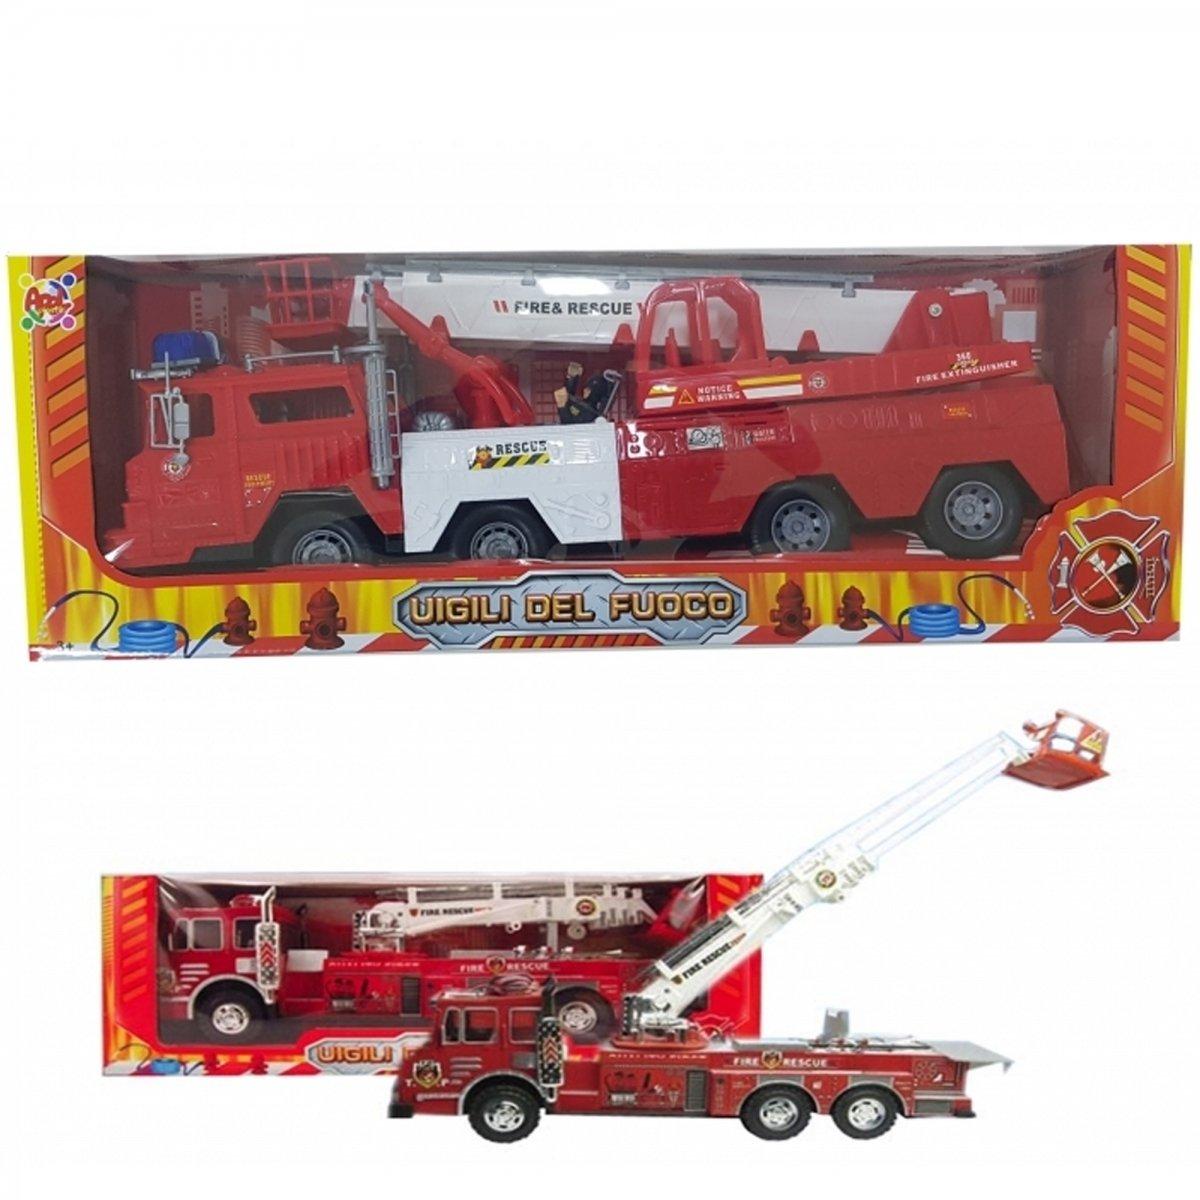 TrAdE shop Traesio- LKW Feuerwehr Feuerwehren Feuer 50 cm Lichterkette Maßstab Maßstab Lichterkette ausziehbar drehbar Spiel Kinder 3a34e4